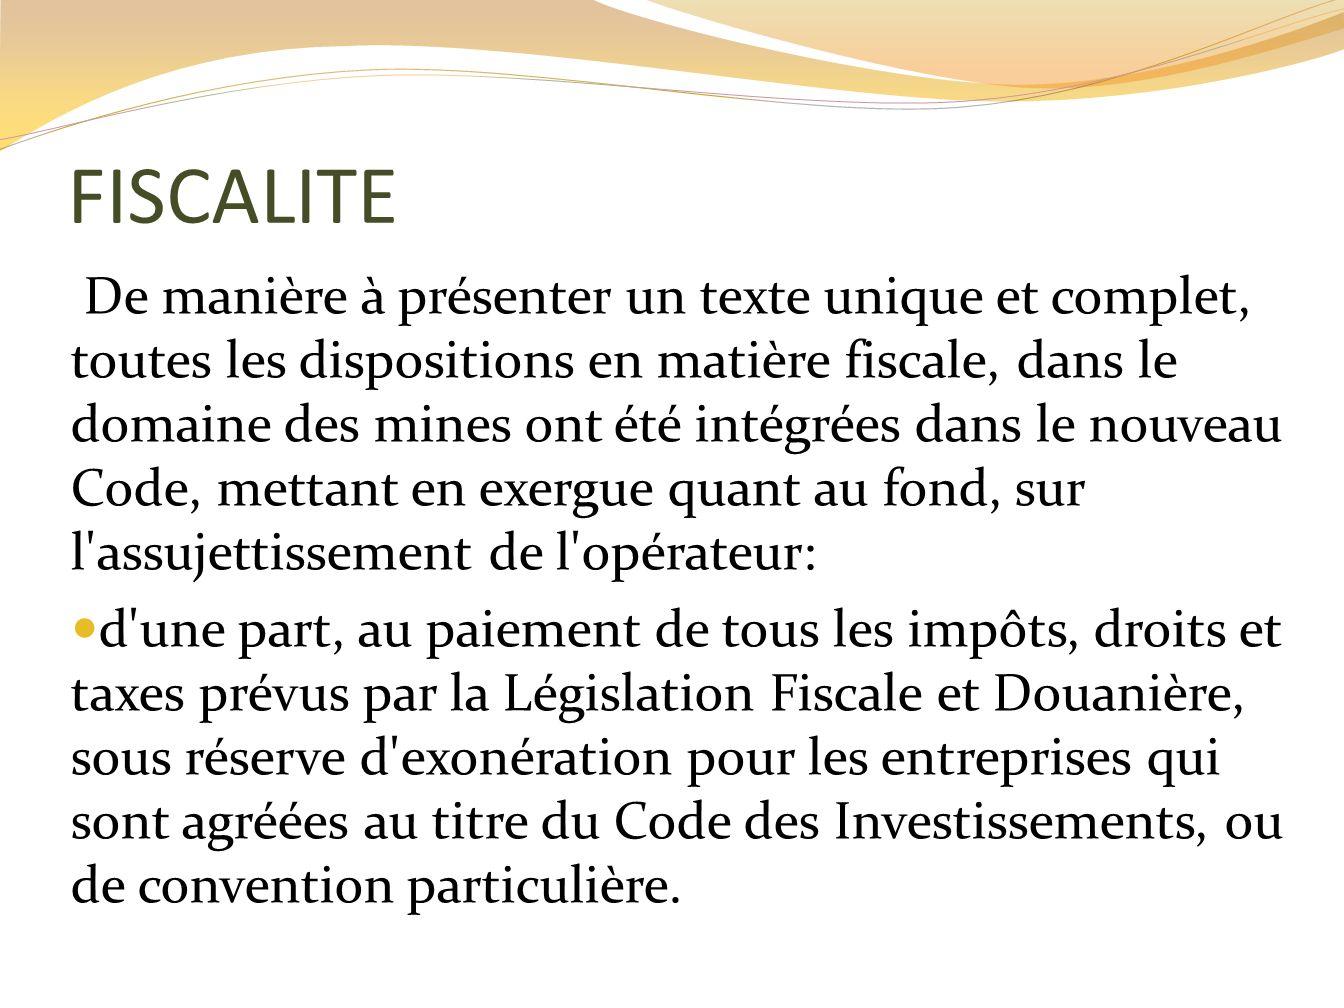 FISCALITE De manière à présenter un texte unique et complet, toutes les dispositions en matière fiscale, dans le domaine des mines ont été intégrées d